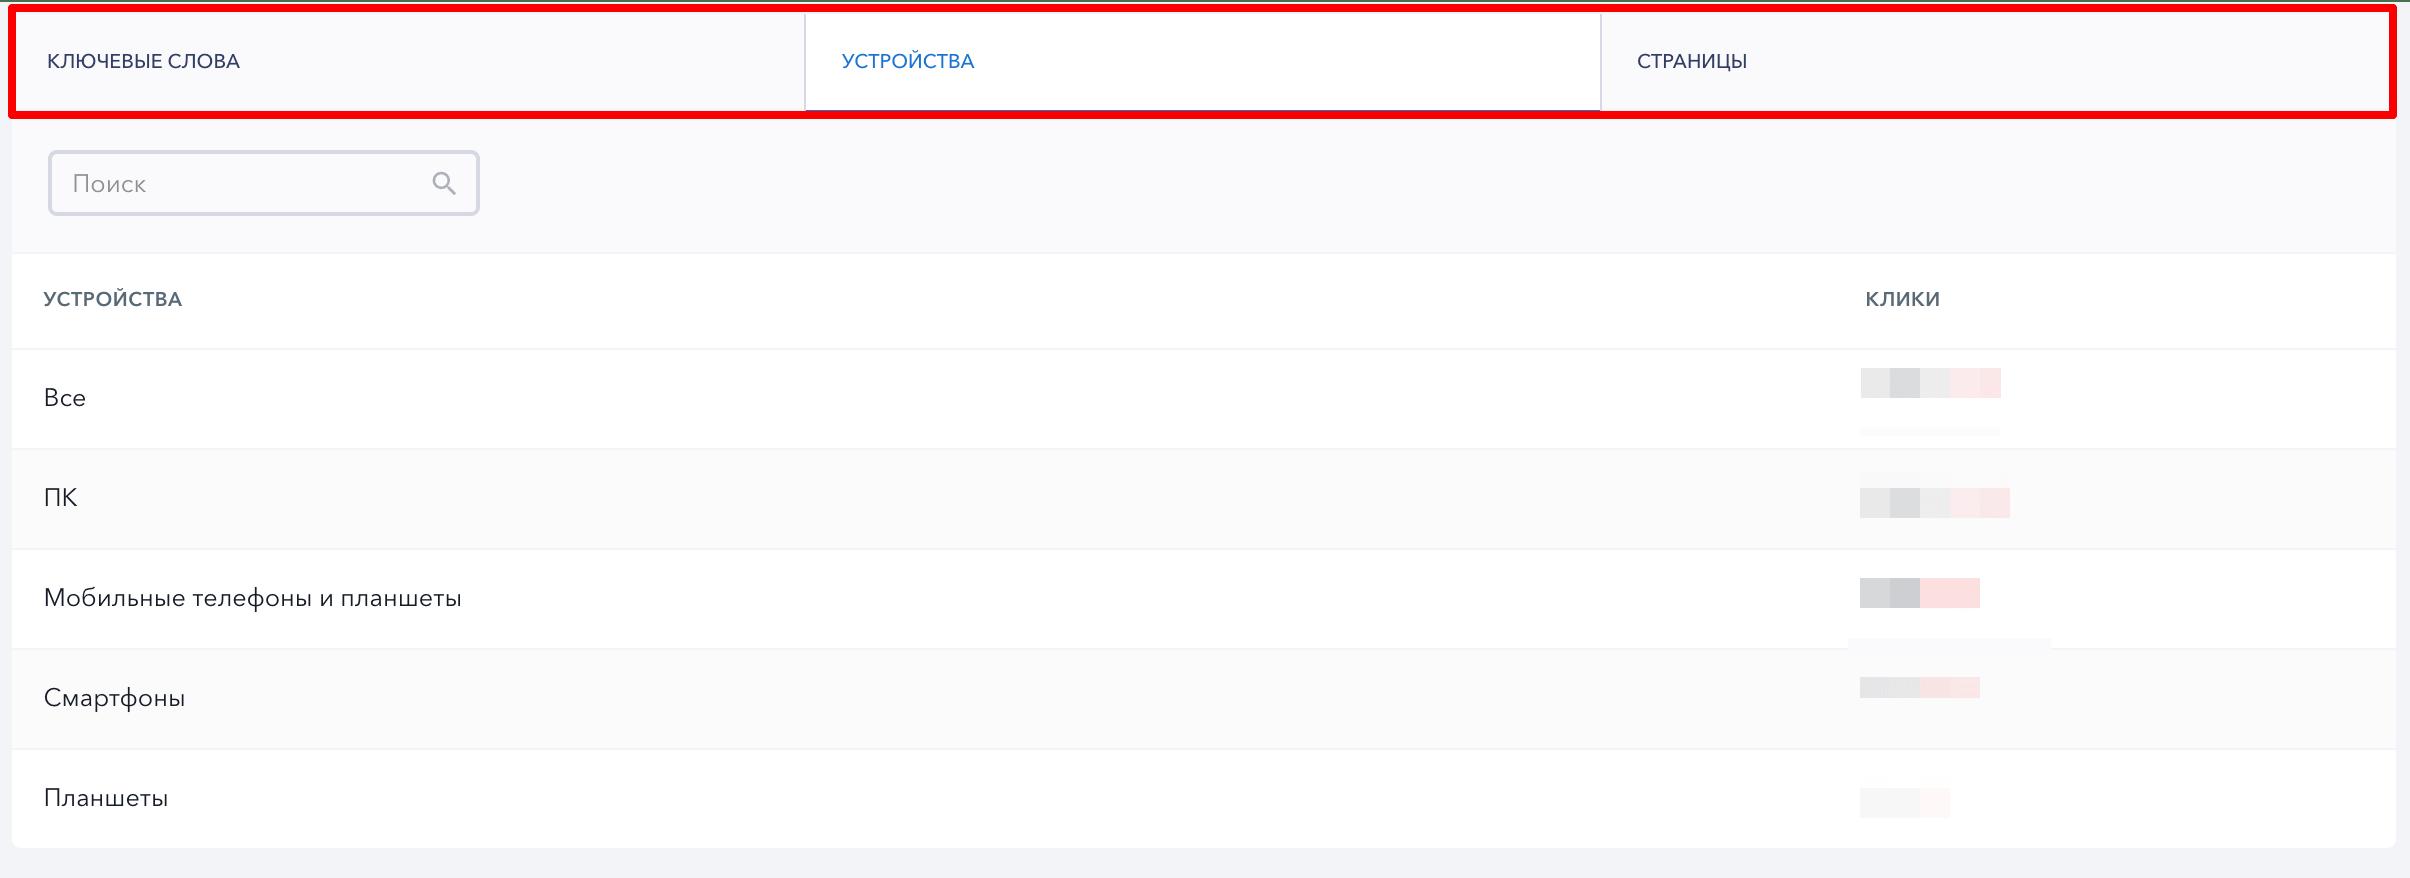 Таблица с данными из Яндекс.Вебмастера